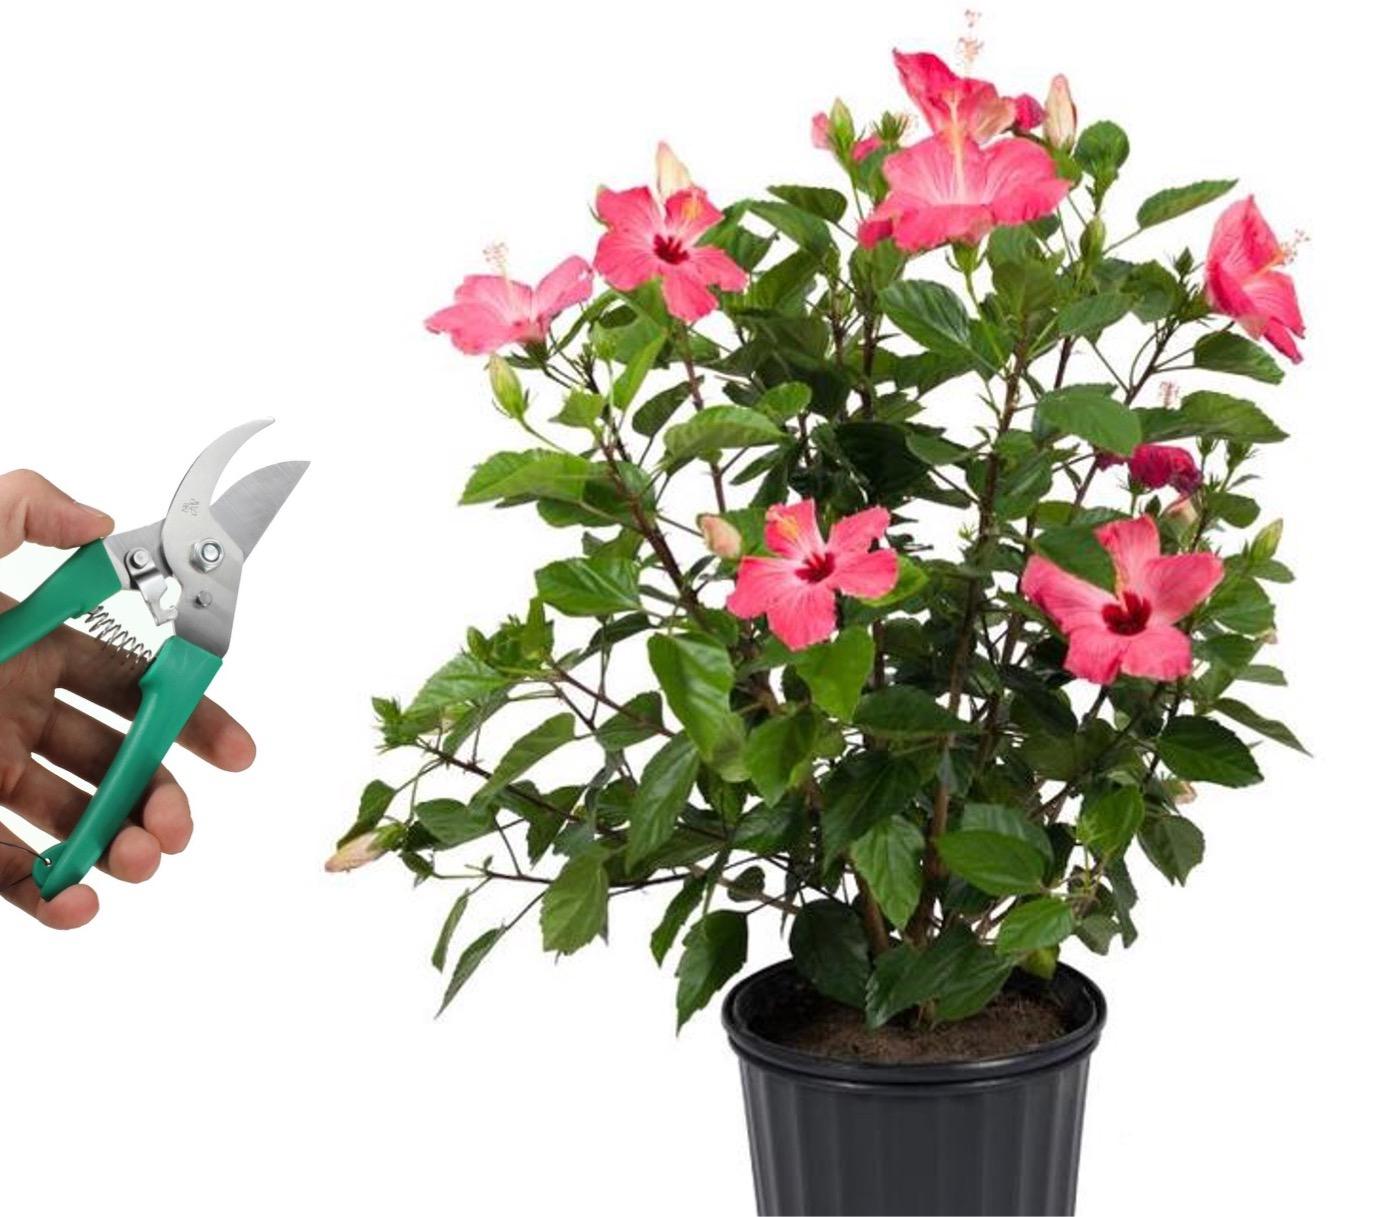 Plante d'hibiscus à fleurs roses, main tenant un sécateur.